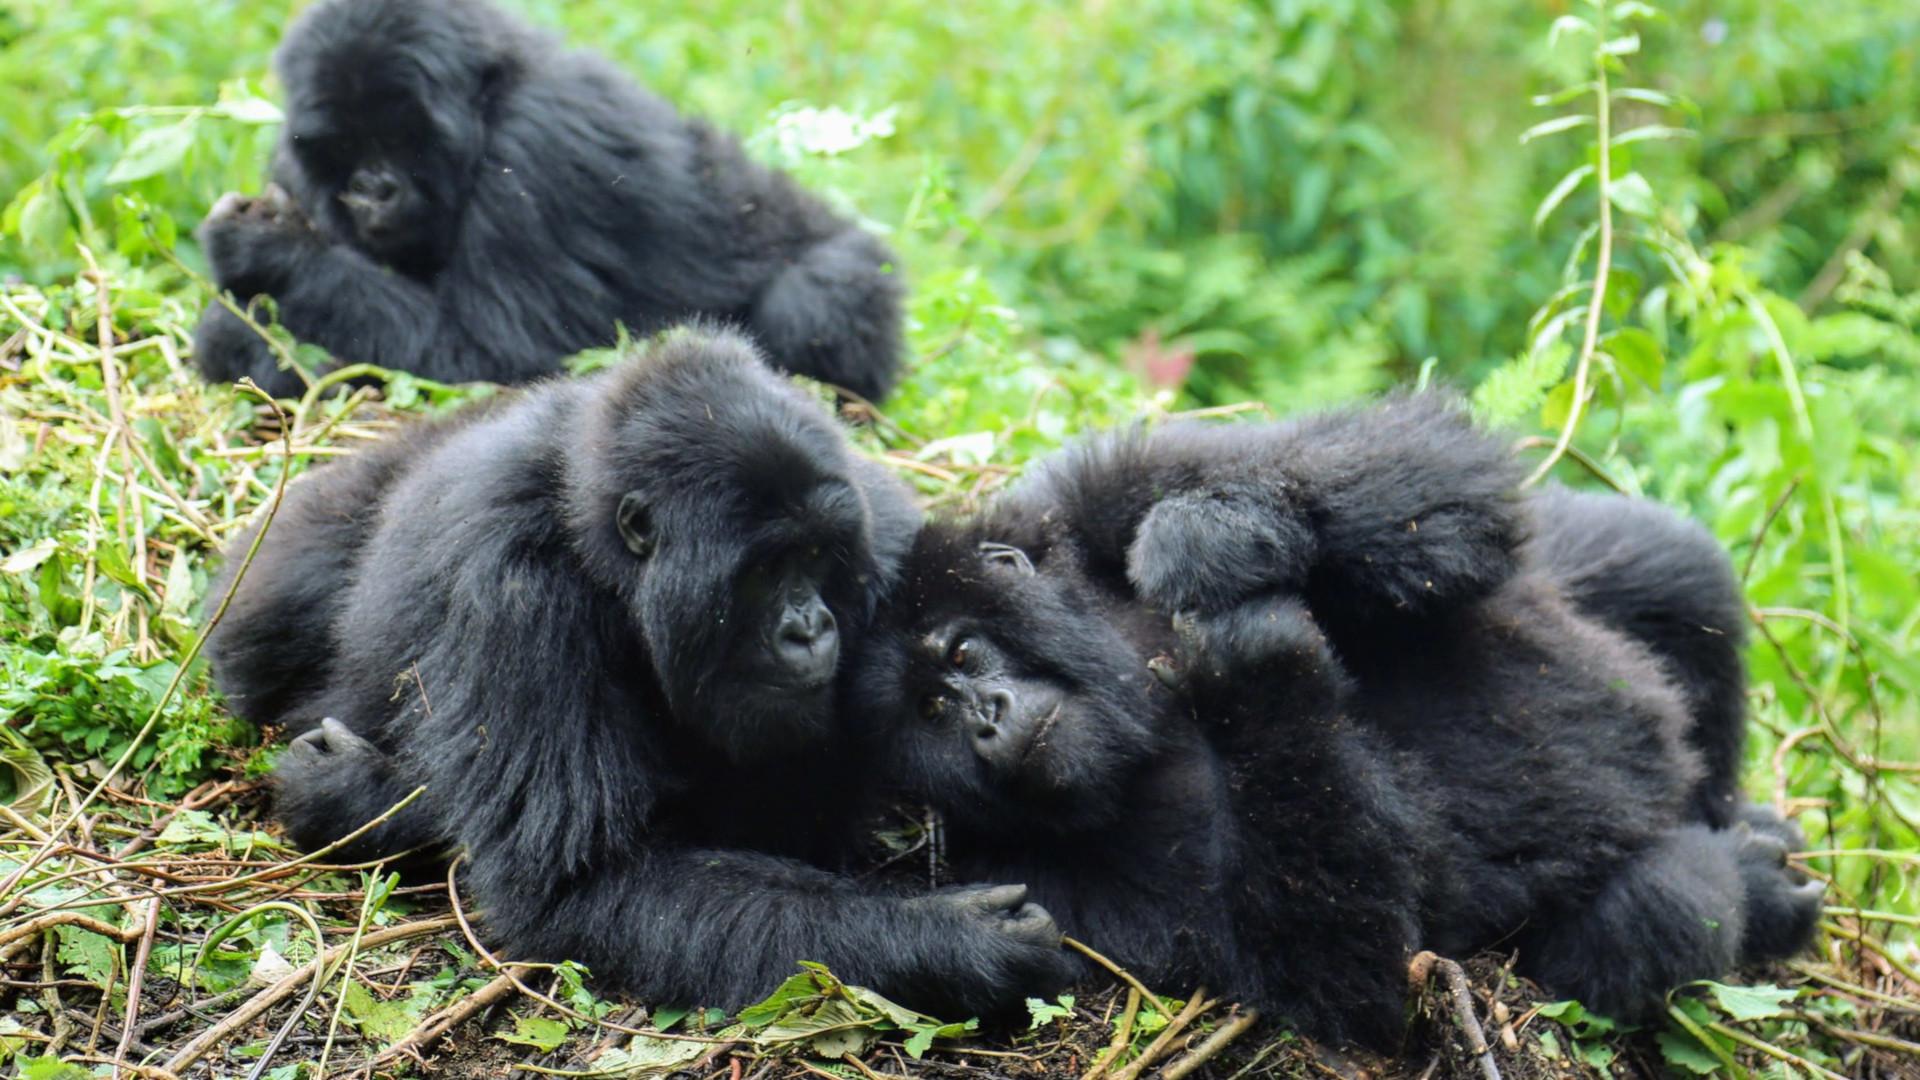 How Do Gorilla Show Respect?